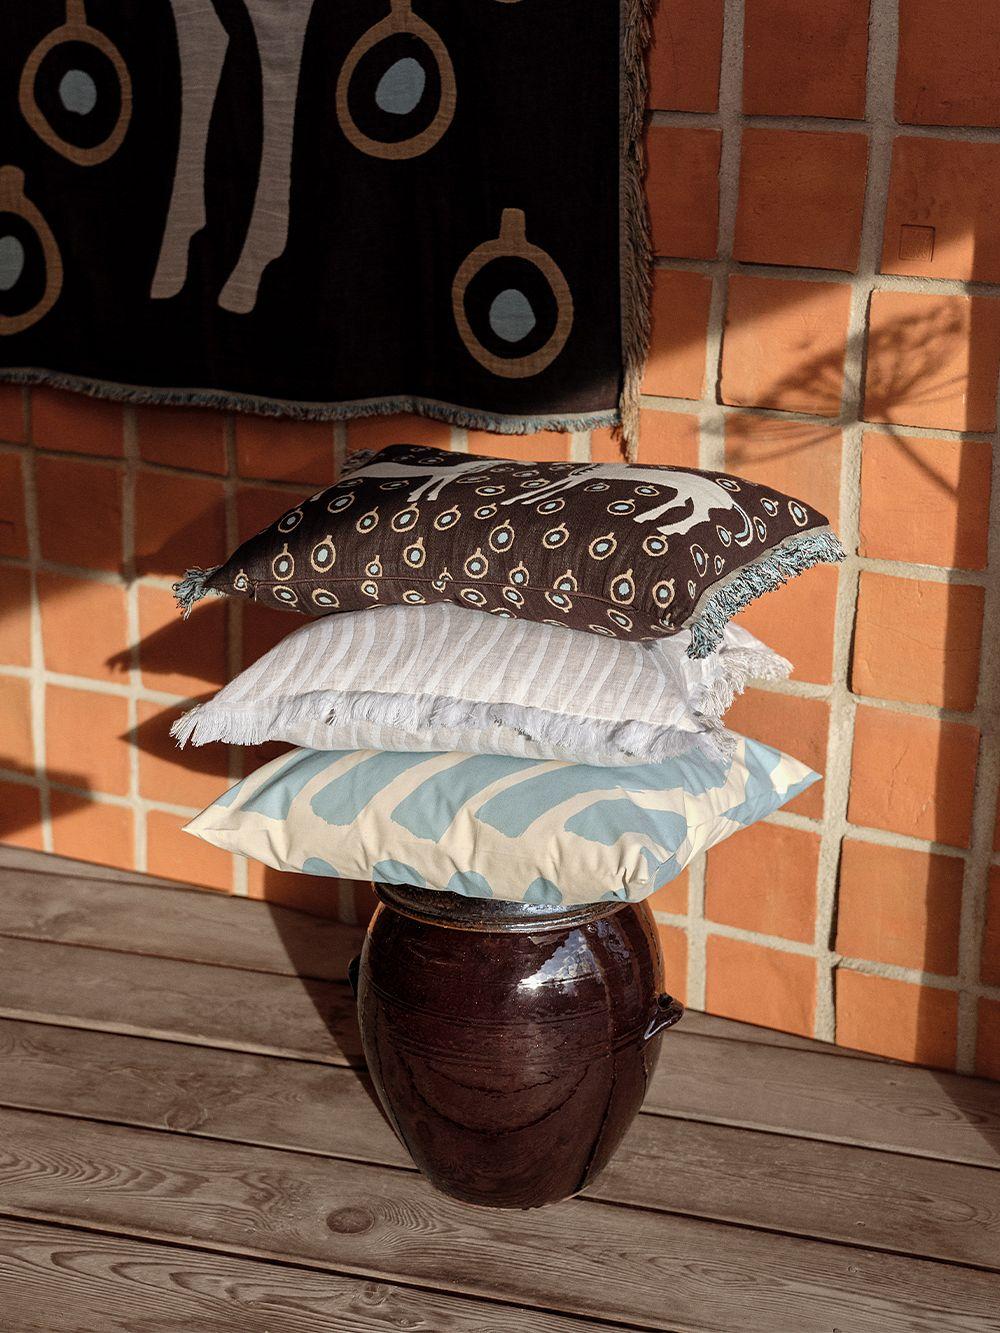 Marimekko Musta tamma cushion cover